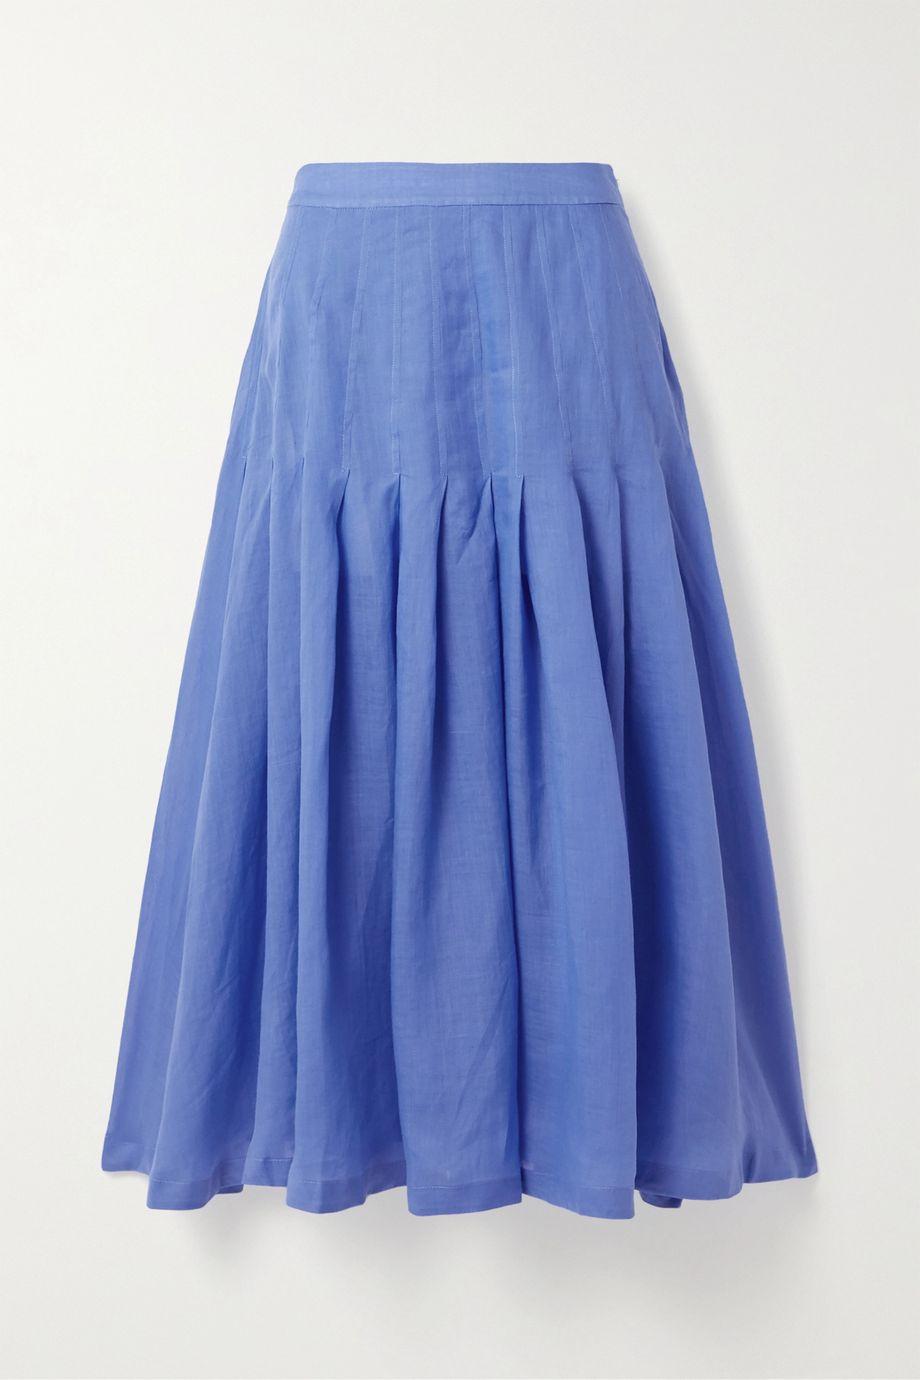 Three Graces London Elisha pleated ramie midi skirt